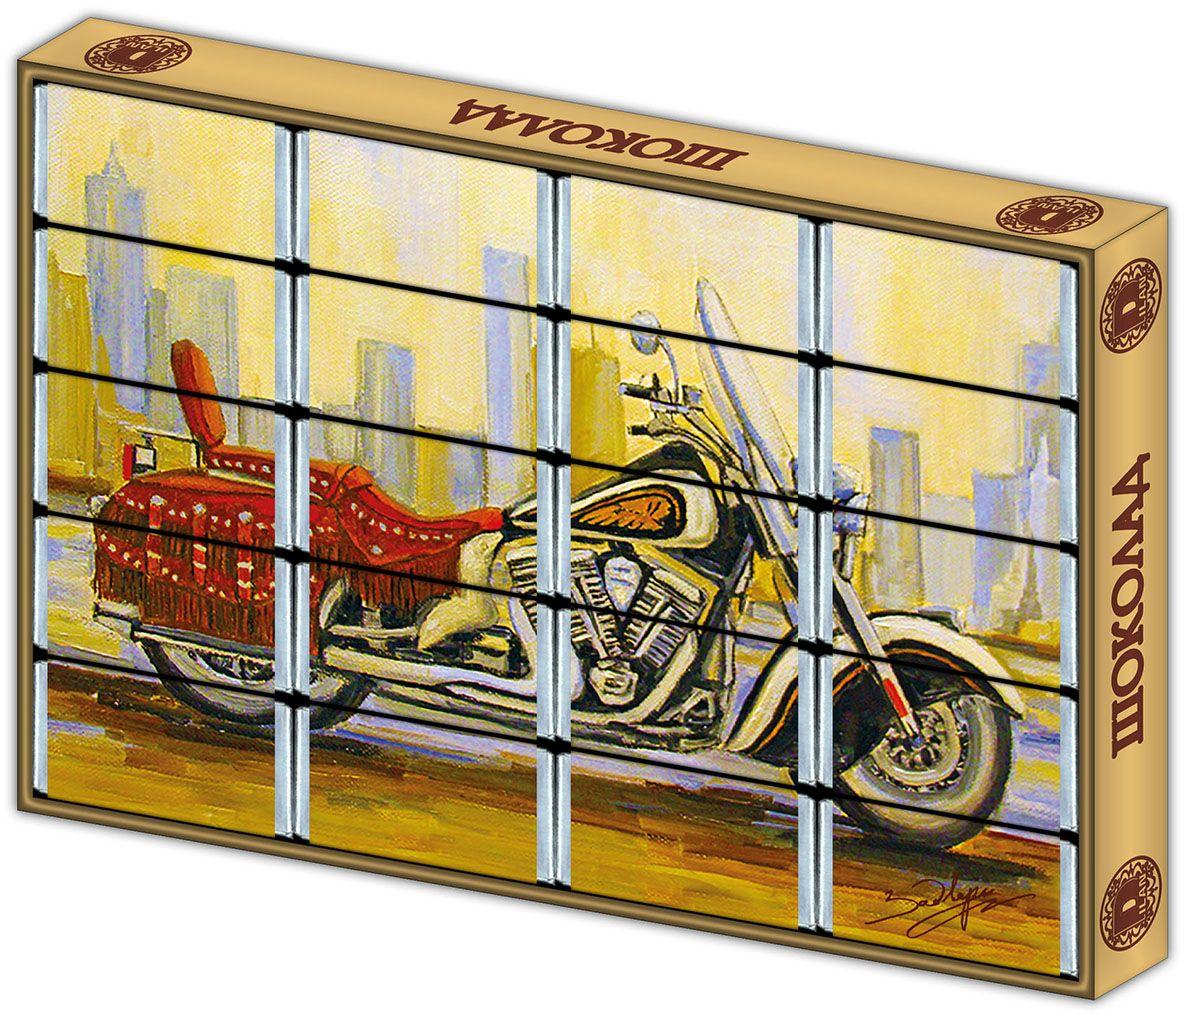 Дилан+ Шоколадный набор с раскраской Мотоцикл, 20 шт по 5 г дилан шоколадный набор матрешка 25 шт по 5 г